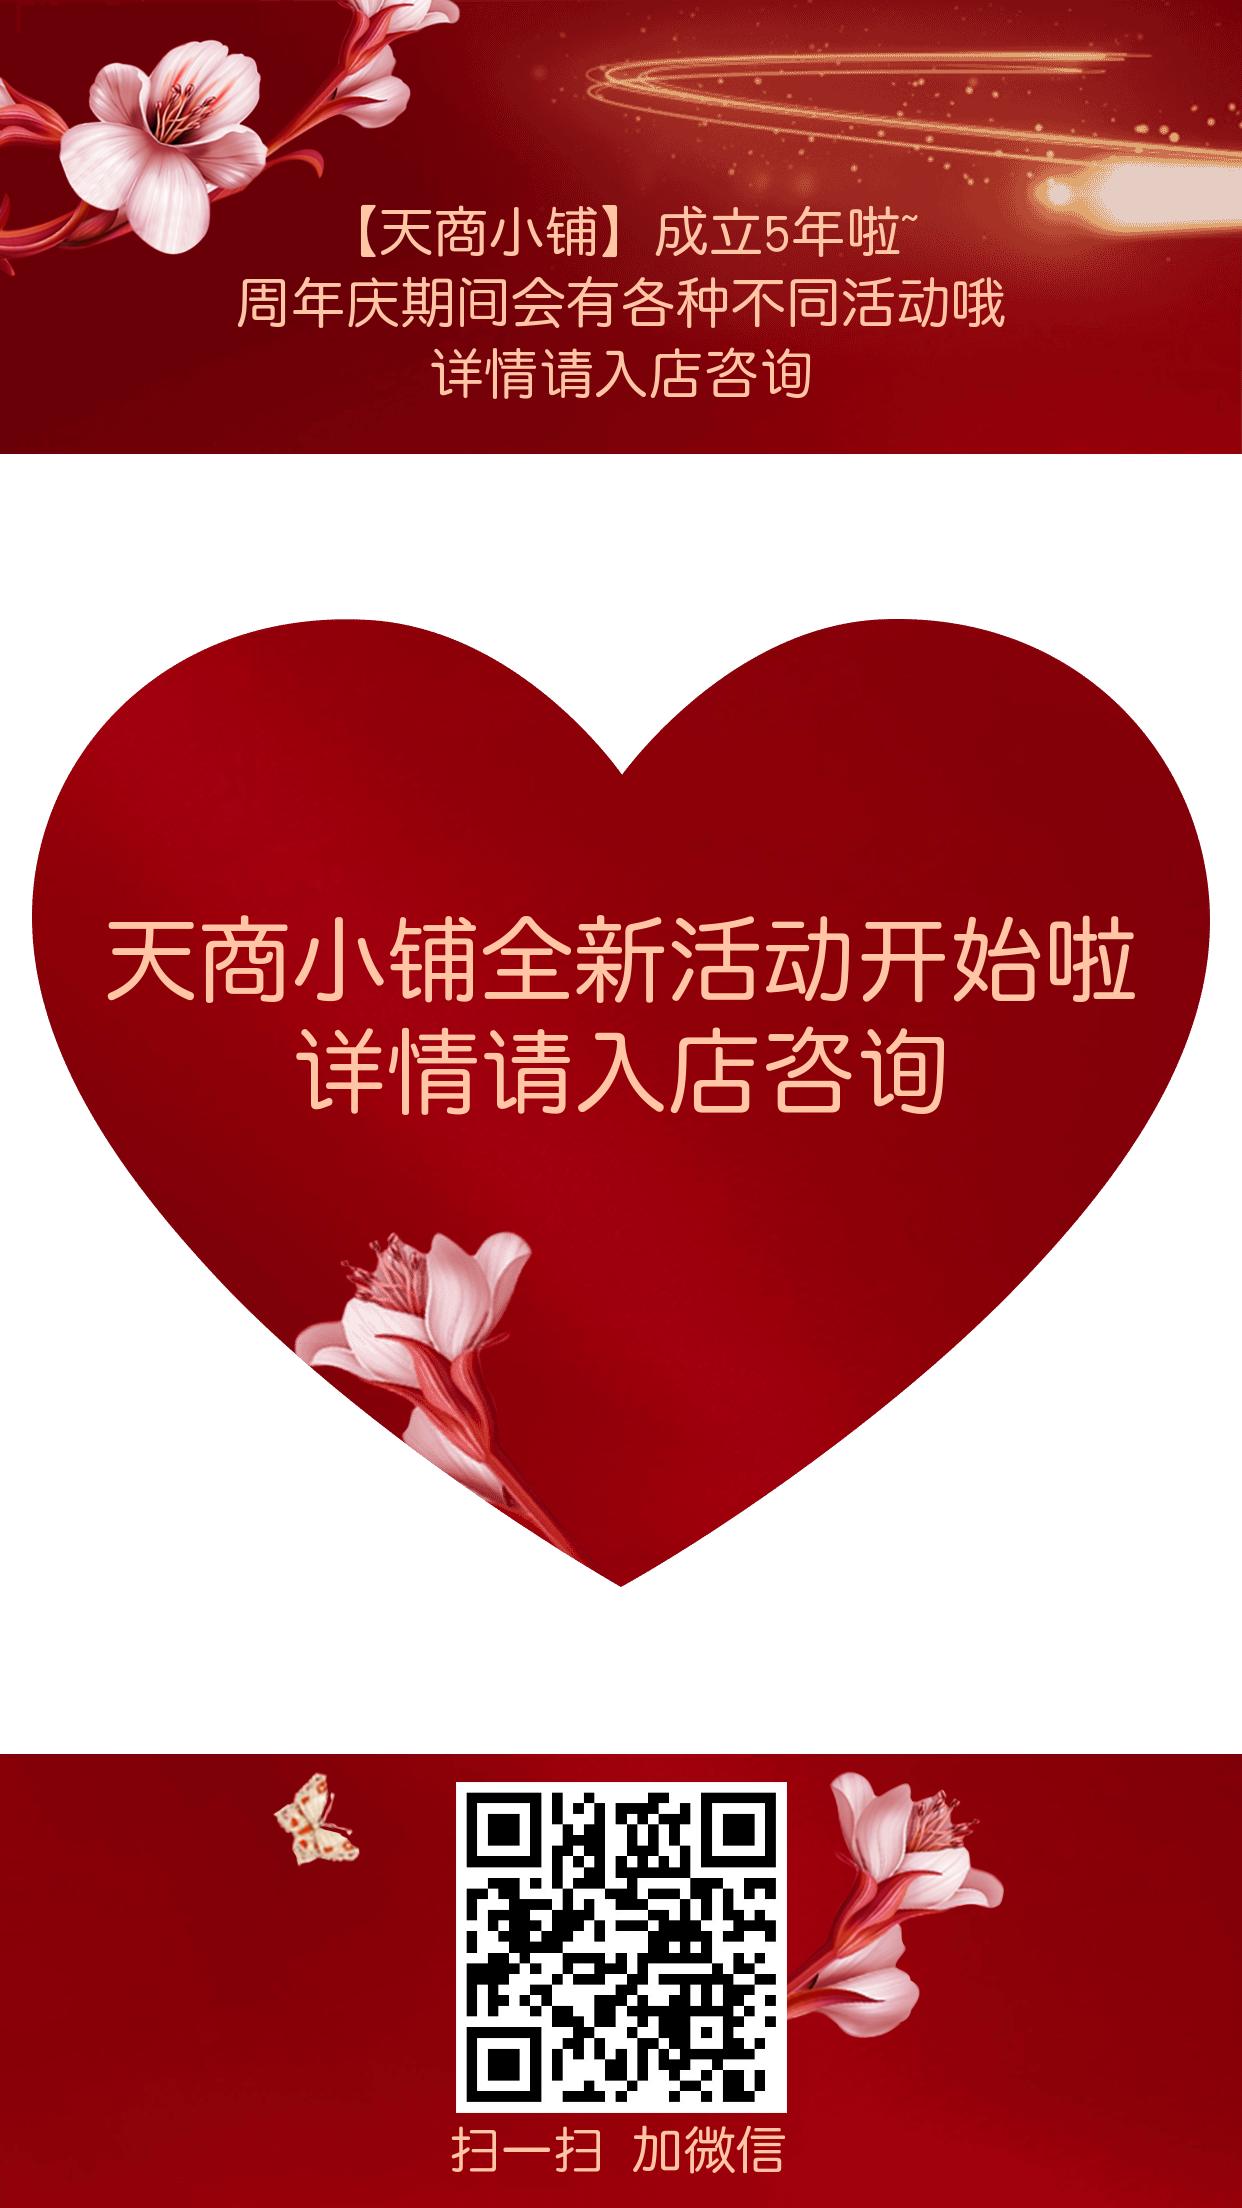 周年庆全新活动红色海报